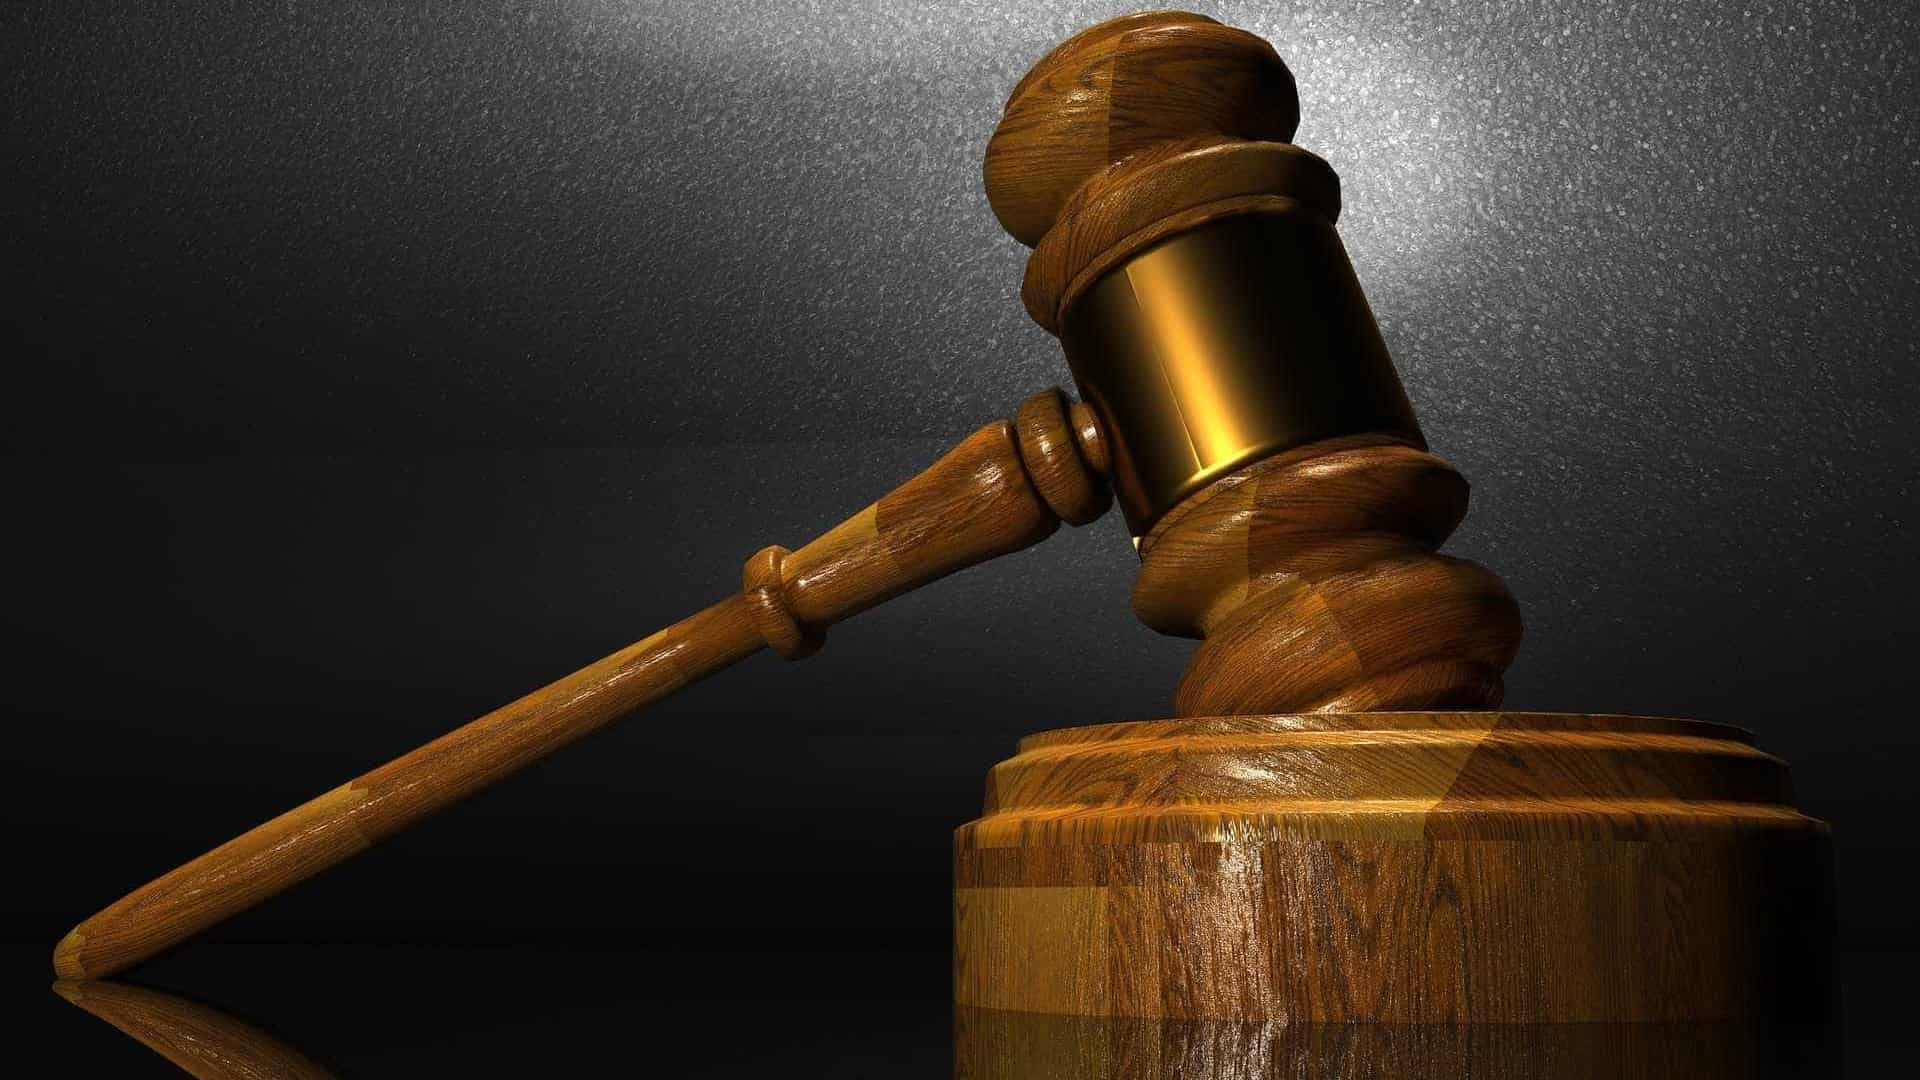 Dezoito arguidos acusados por negócio de metal furtado com sucata